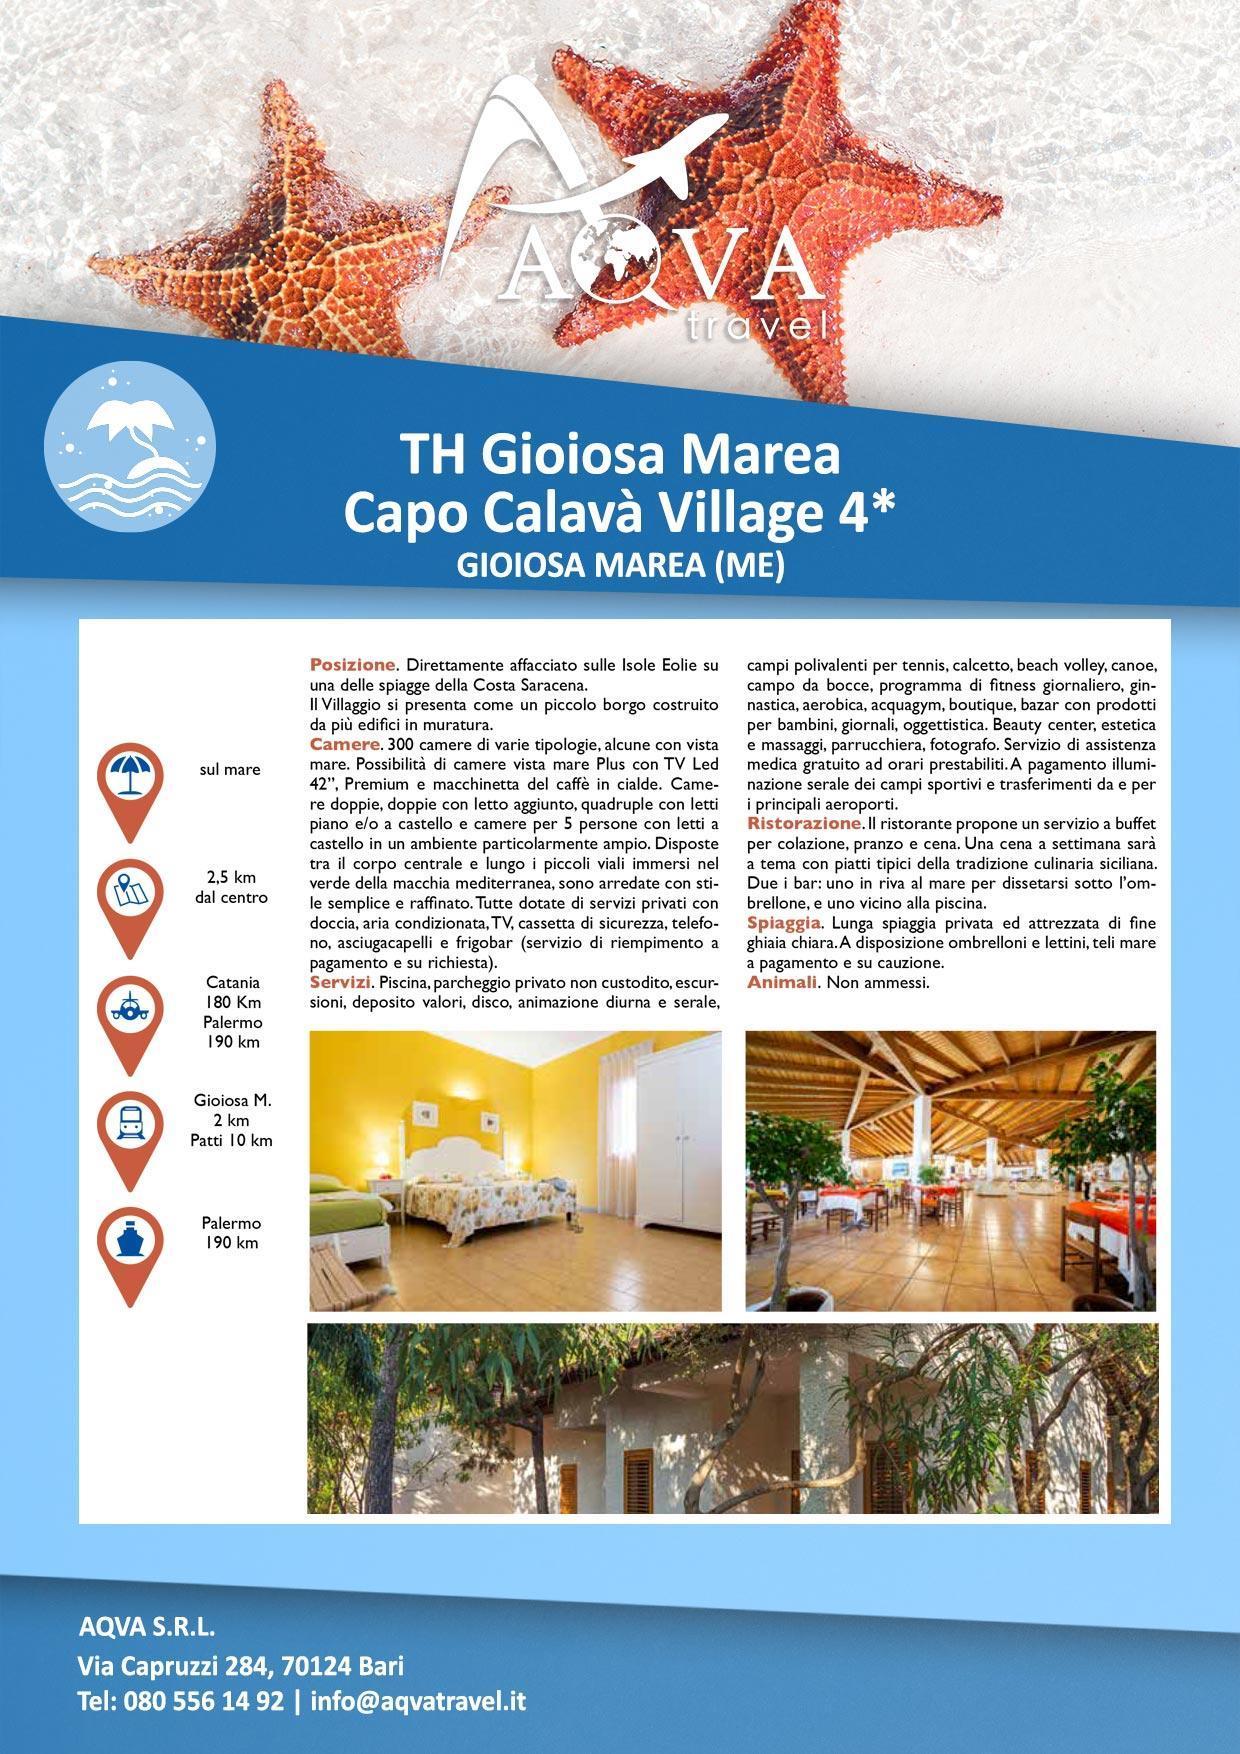 TH-Gioiosa-Marea-Capo-Calavà-Village-GIOIOSA-MAREA-(ME)-Mare-offerte-agenzia-di-viaggi-Bari-AQVATRAVEL-itTH-Gioiosa-Marea-Capo-Calavà-Village-GIOIOSA-MAREA-(ME)-Mare-offerte-agenzia-di-viaggi-Bari-AQVATRAVEL-it